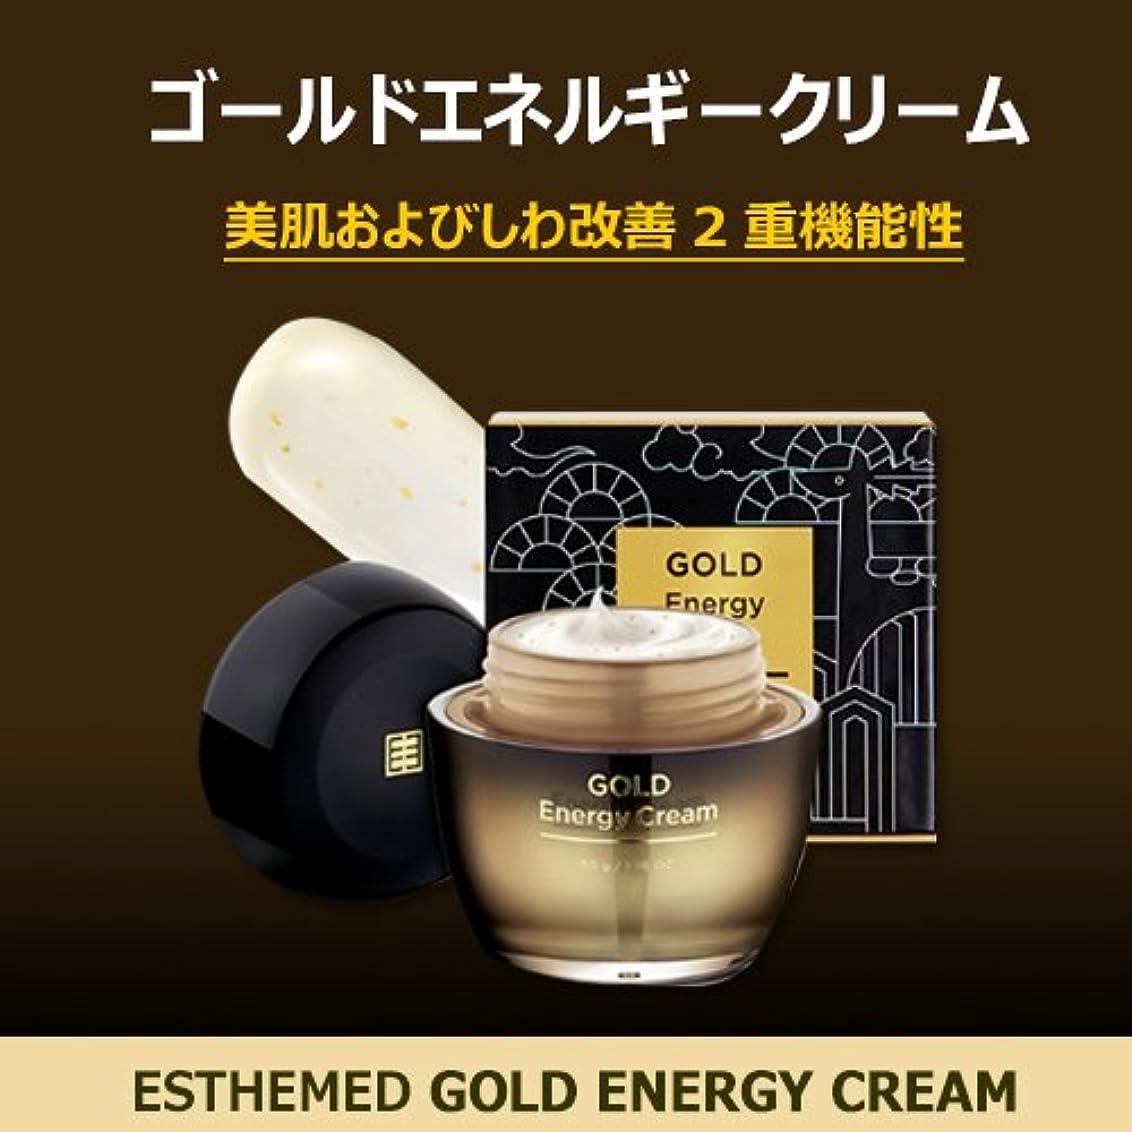 宝石褐色無視できるESTHEMED エステメド ゴールド エネルギー クリーム GOLD Energy Cream 50g 【 シワ改善 美肌 保湿 回復 韓国コスメ 】